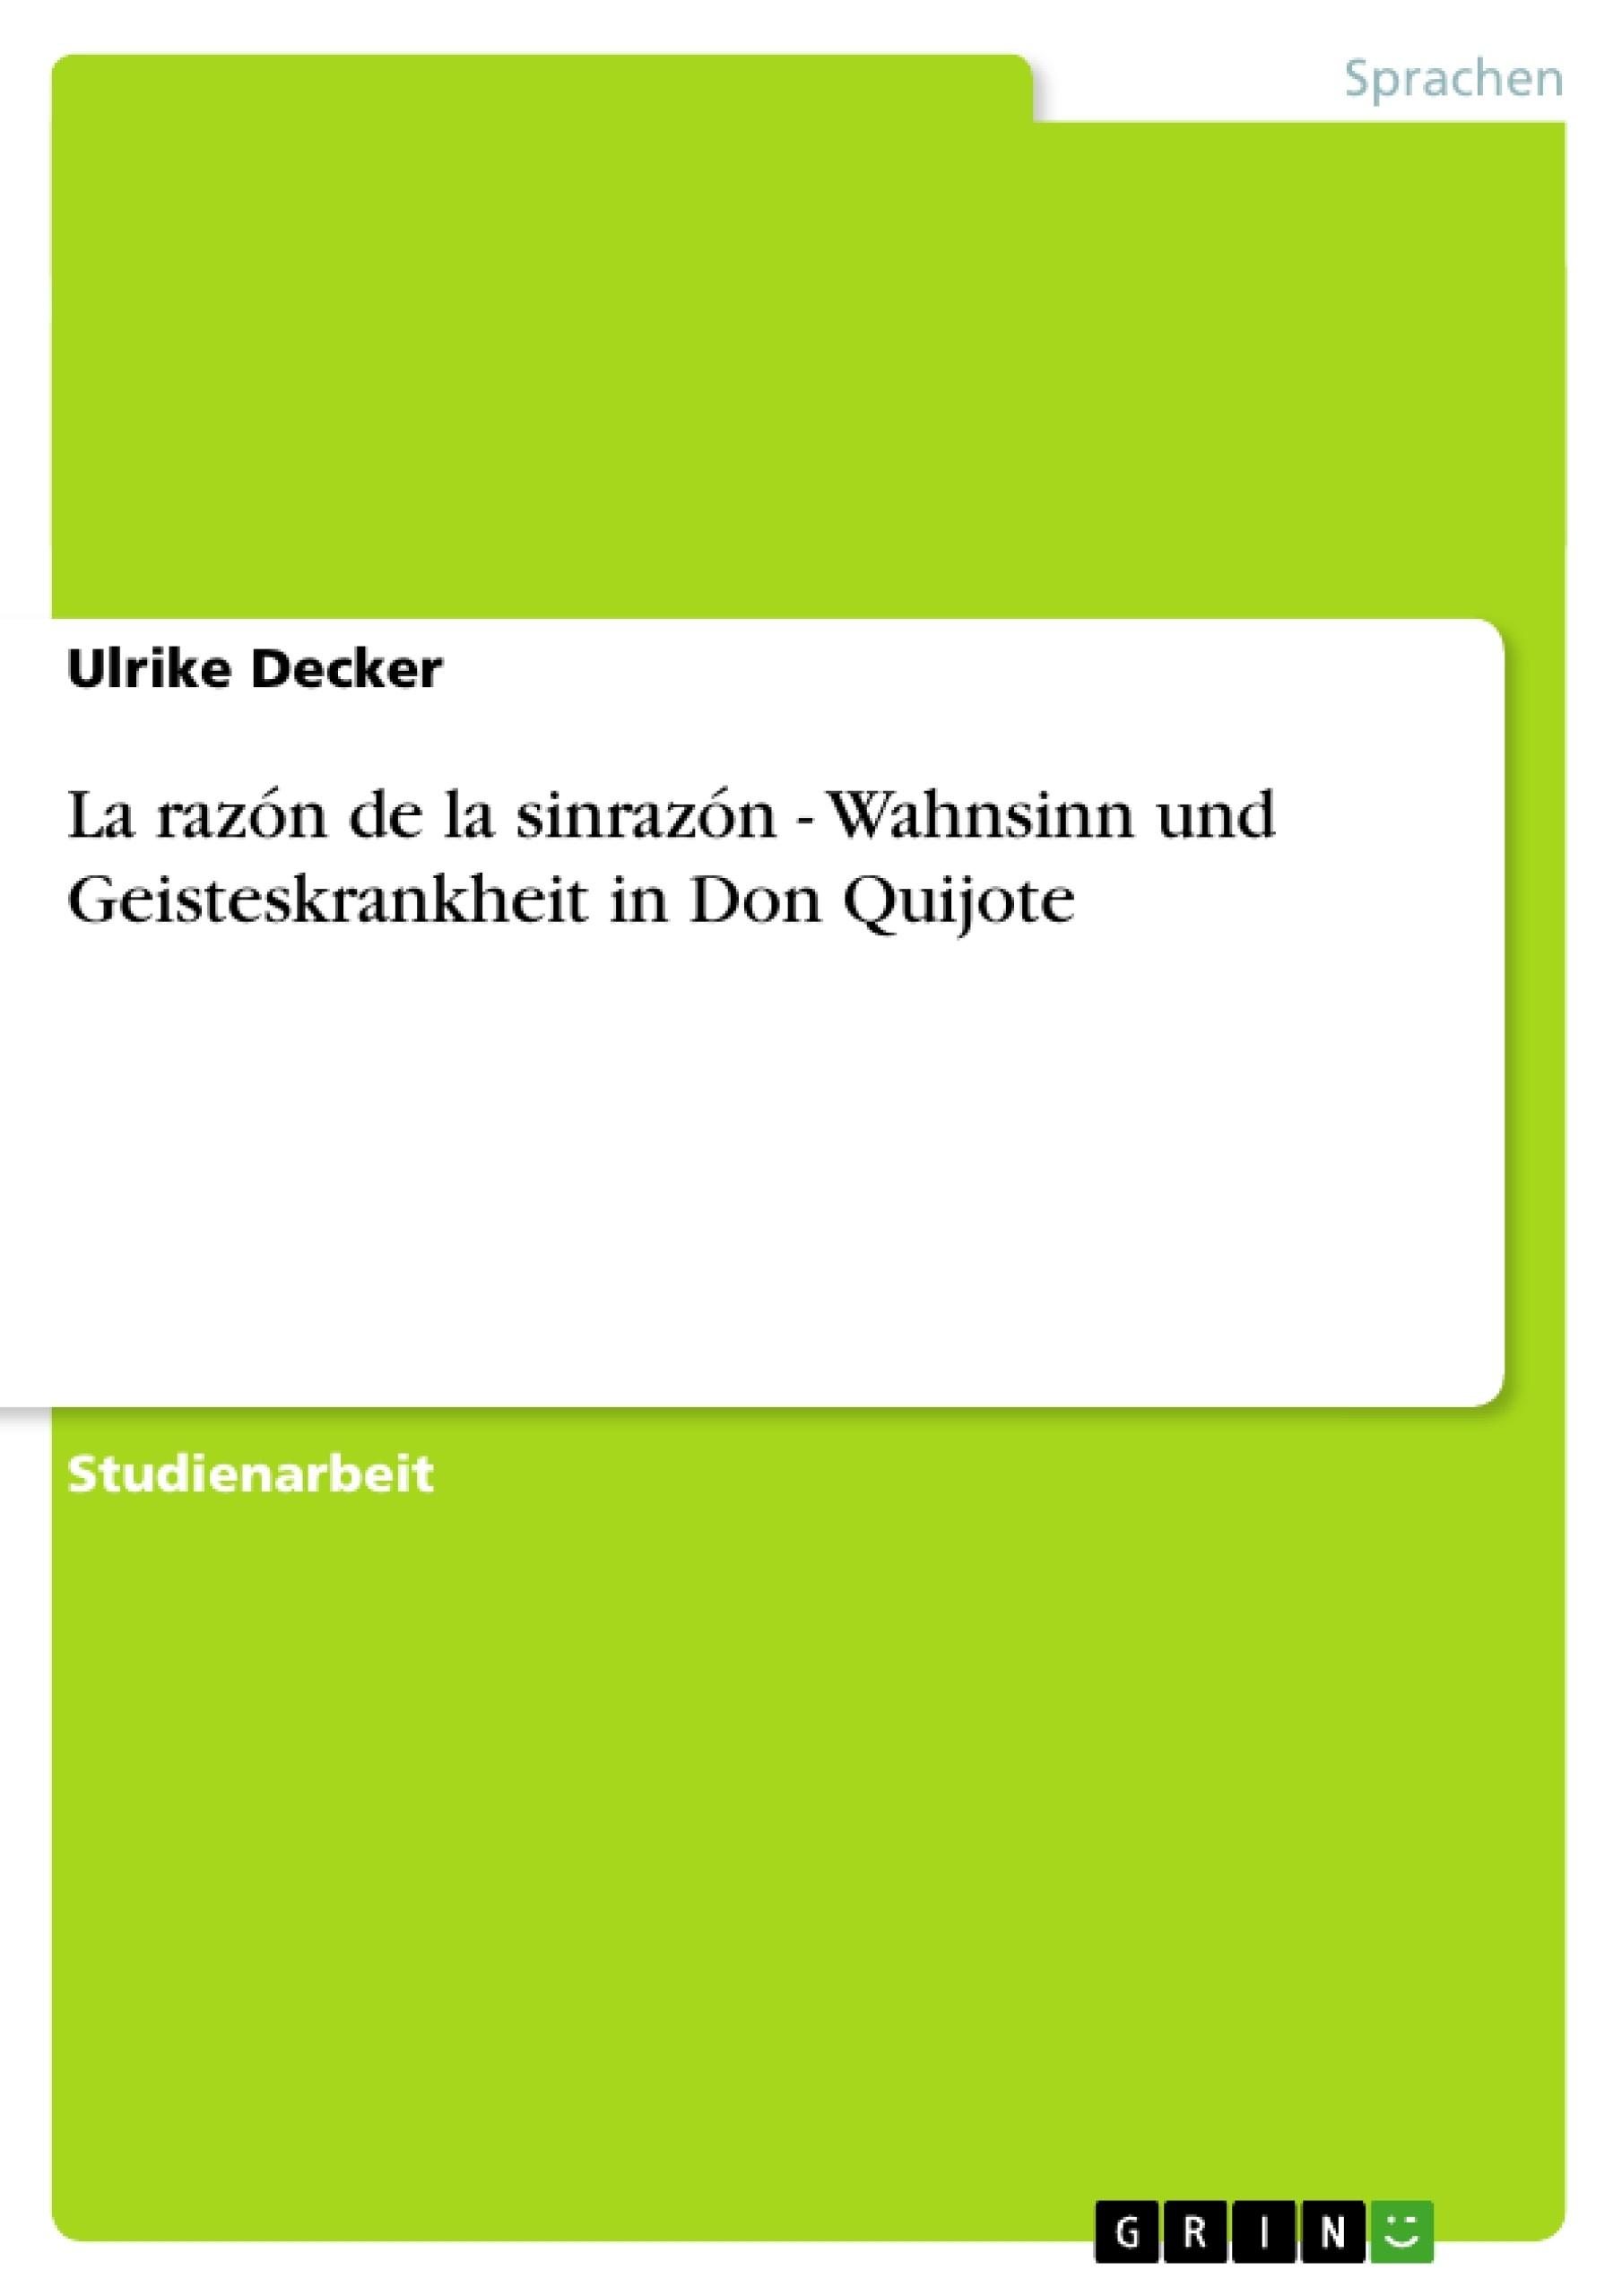 Titel: La razón de la sinrazón - Wahnsinn und Geisteskrankheit in Don Quijote